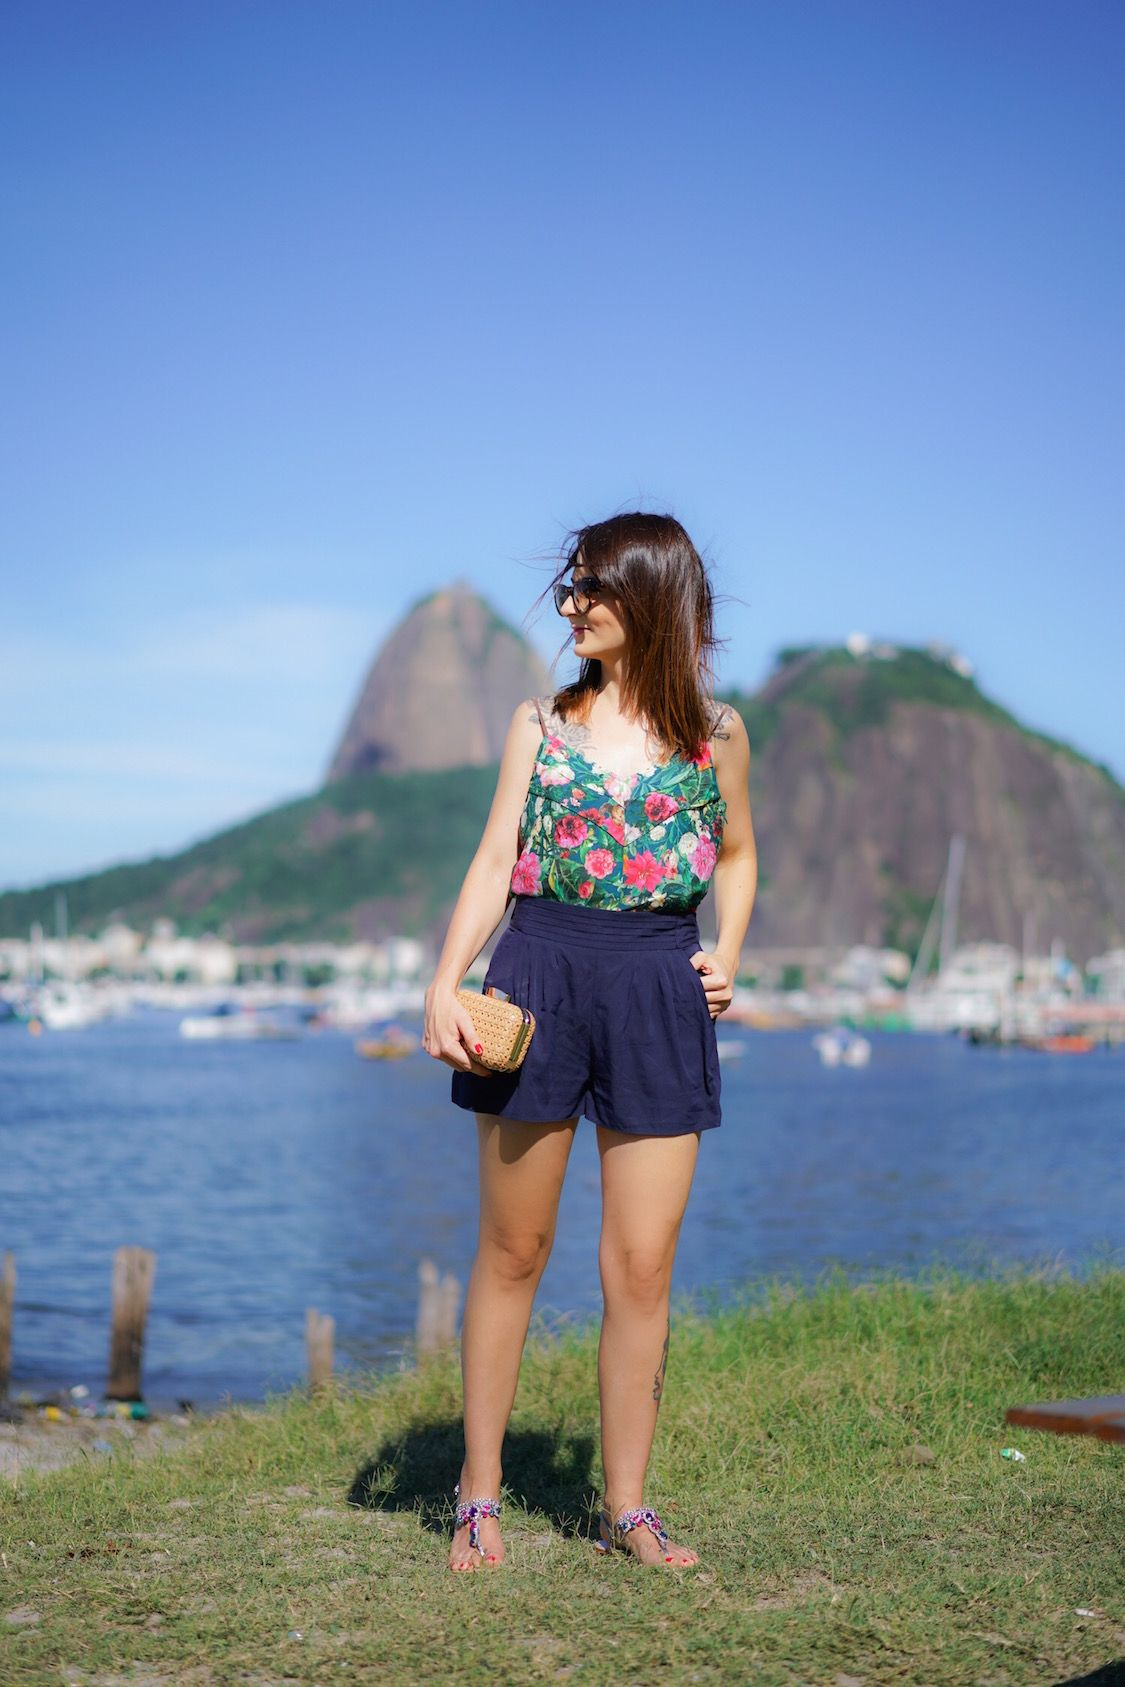 Rio 40 graus | Danielle Noce